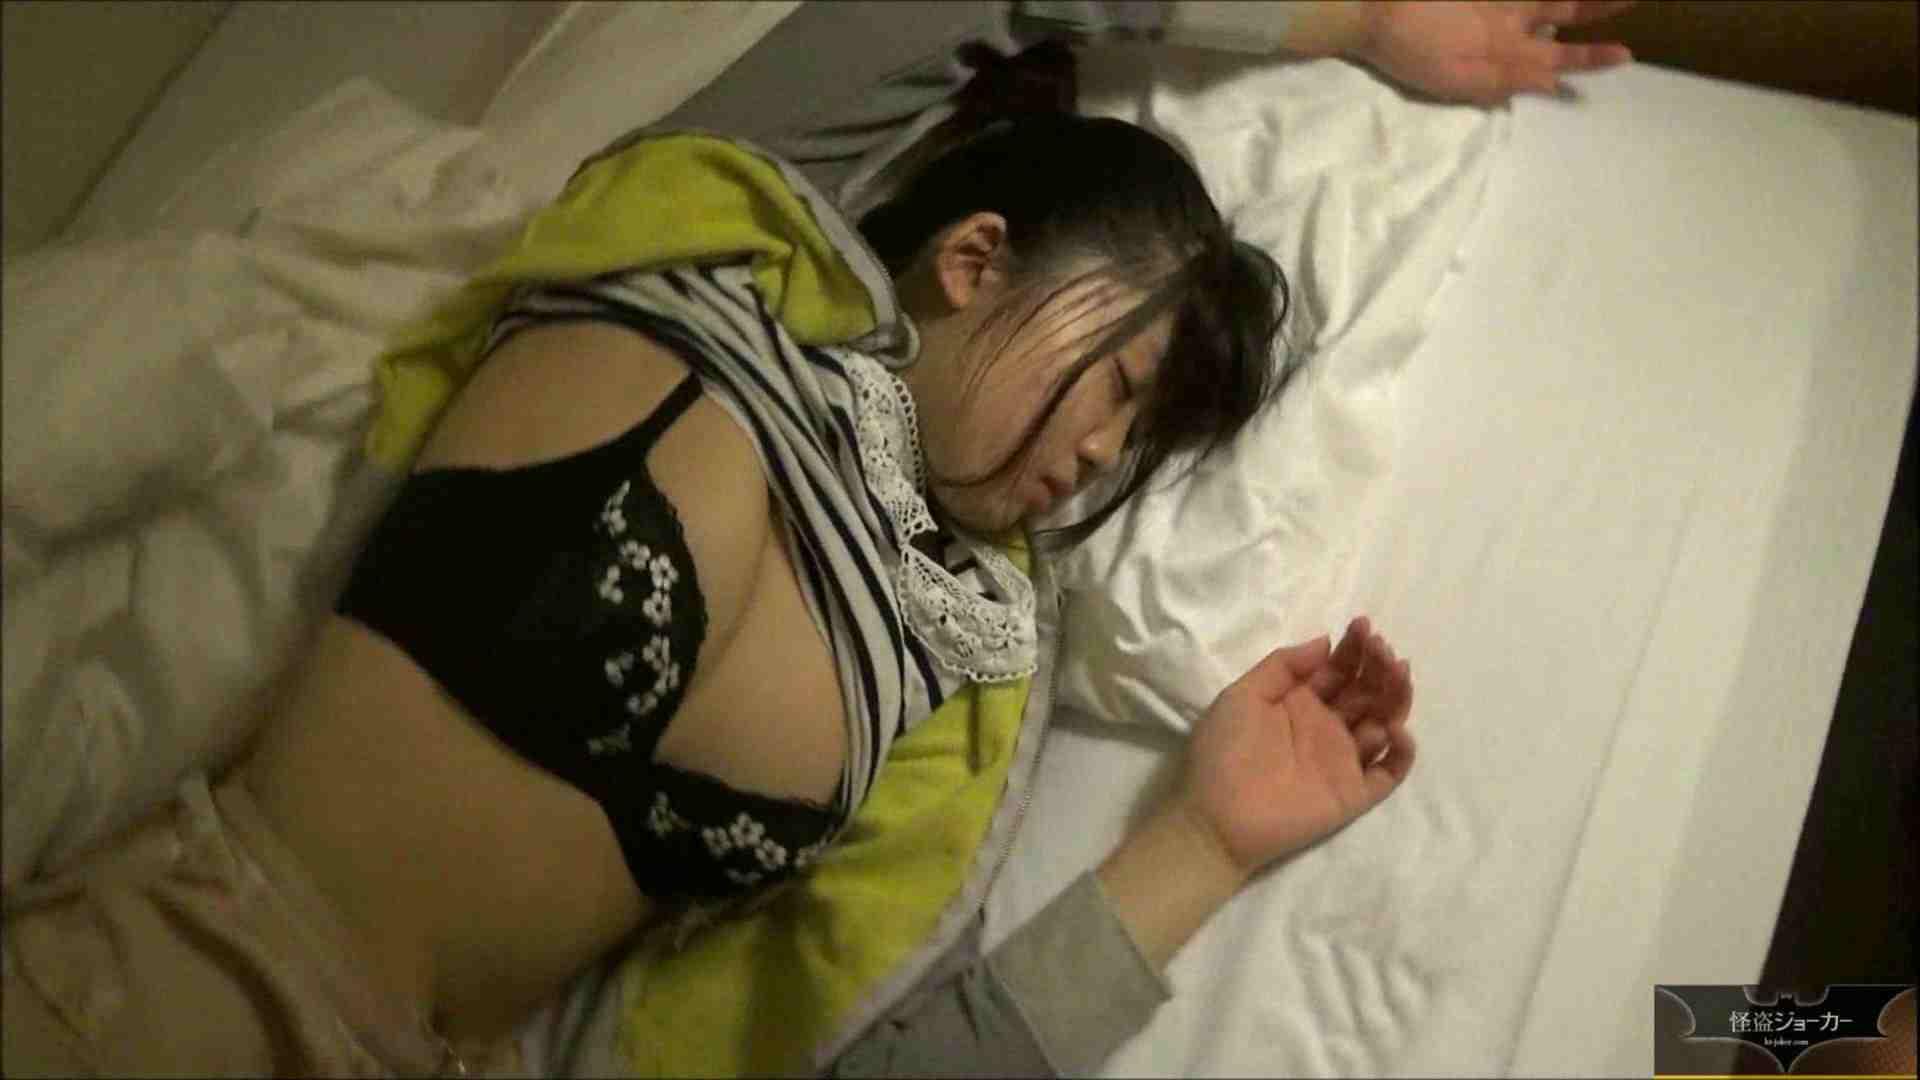 【未公開】vol.75 {関東某有名お嬢様JD}yuunaちゃん① お嬢様  106PIX 47